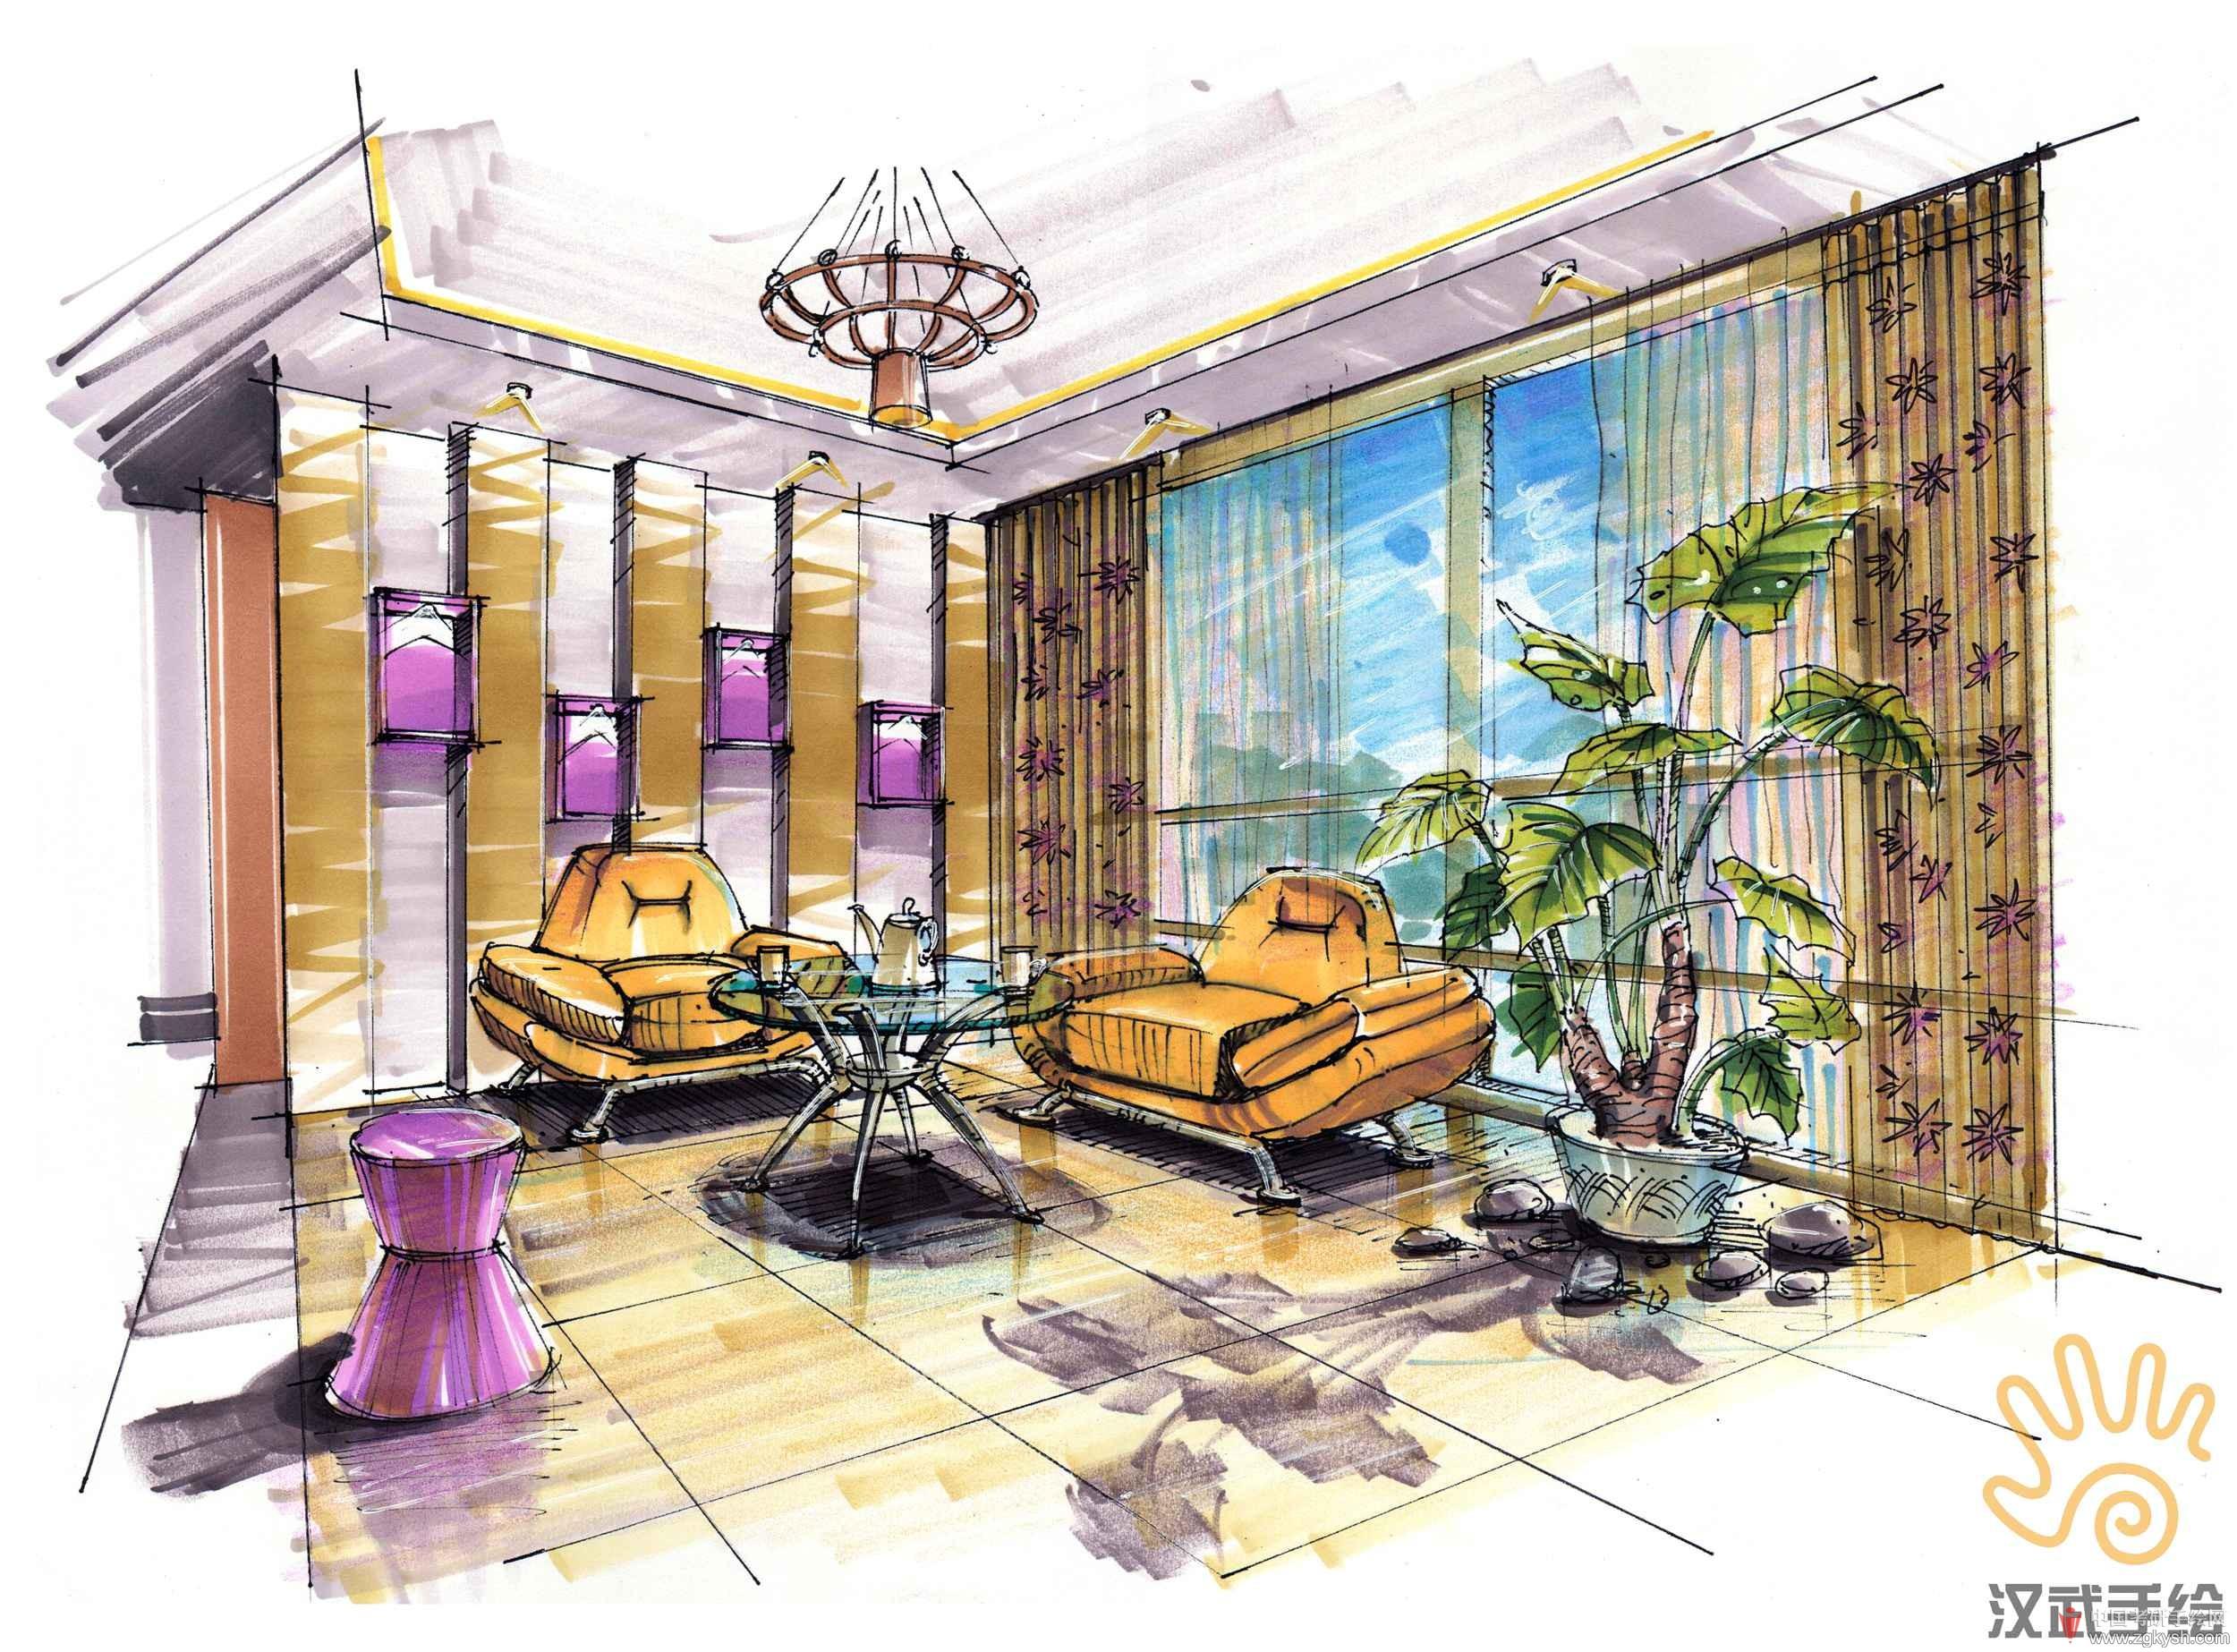 黄皮沙发手绘上色效果图.jpg